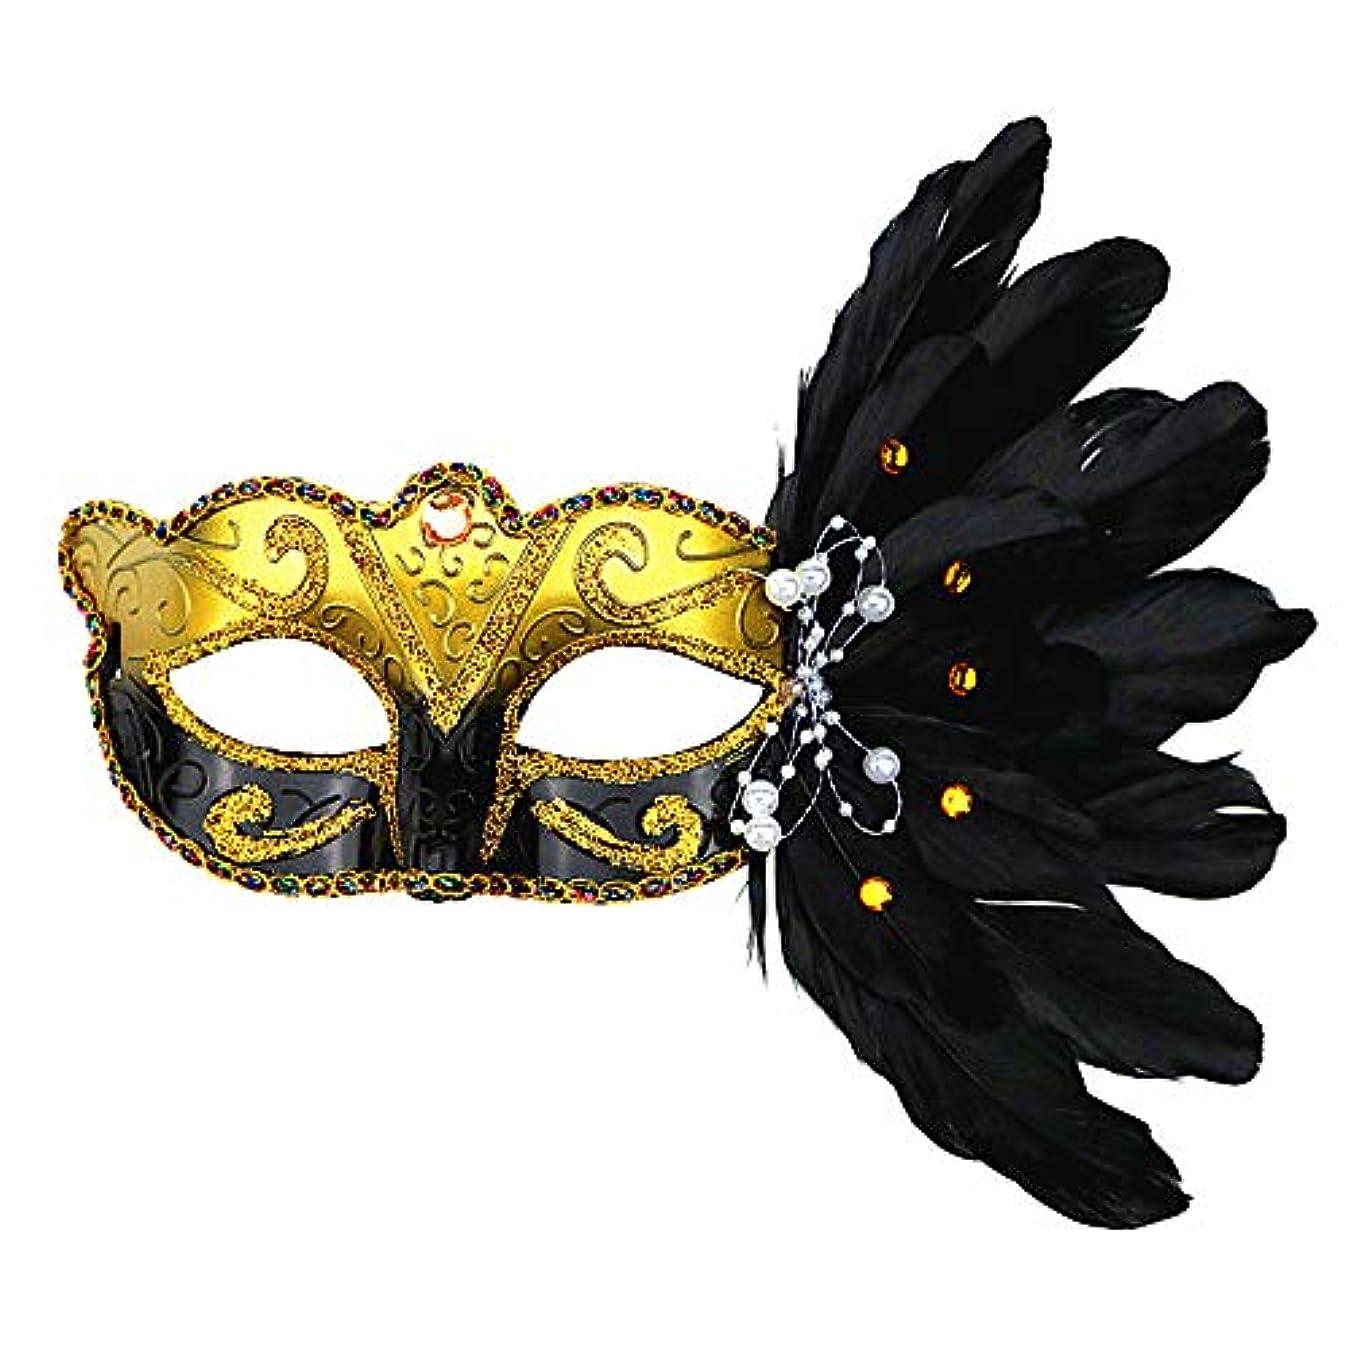 改善道乱れAuntwhale ハロウィーンマスク大人恐怖コスチューム、ペイントフェザーファンシーマスカレードパーティーハロウィンマスク、フェスティバル通気性ギフトヘッドマスク